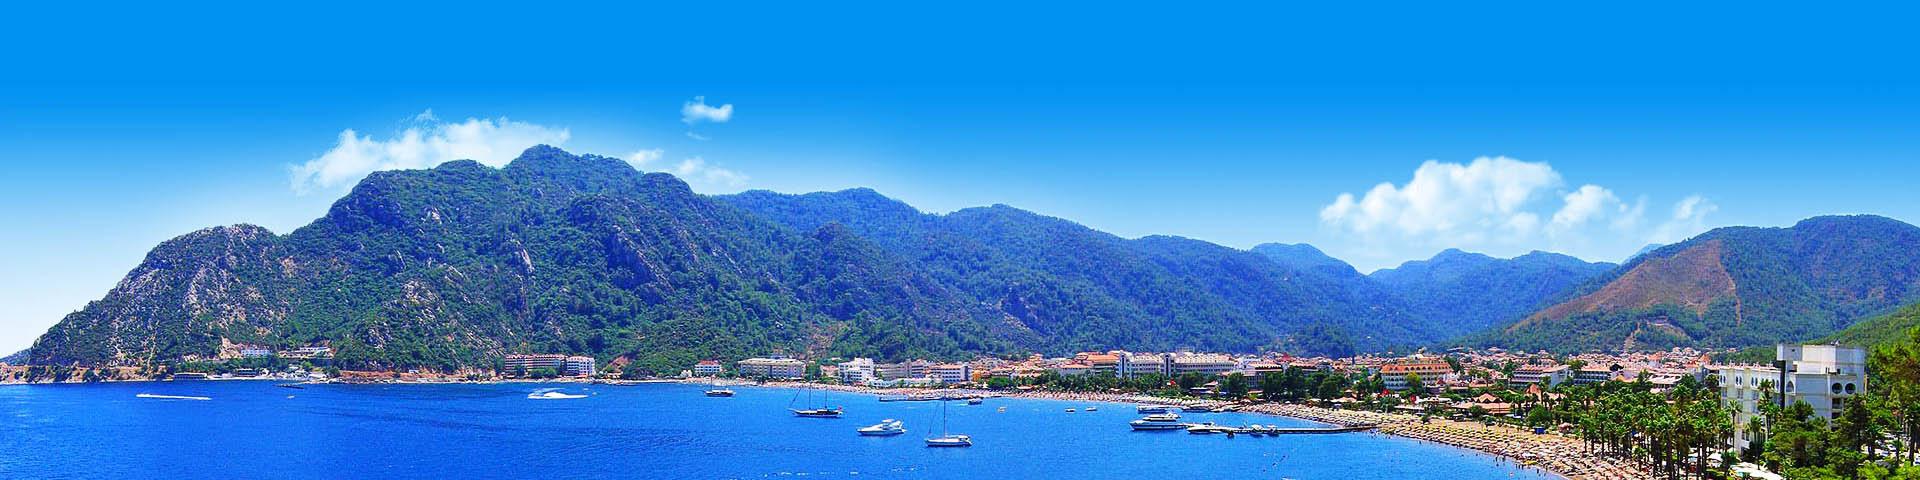 Uitzicht op de kustlijn en de heuvels van Içmeler in Turkije